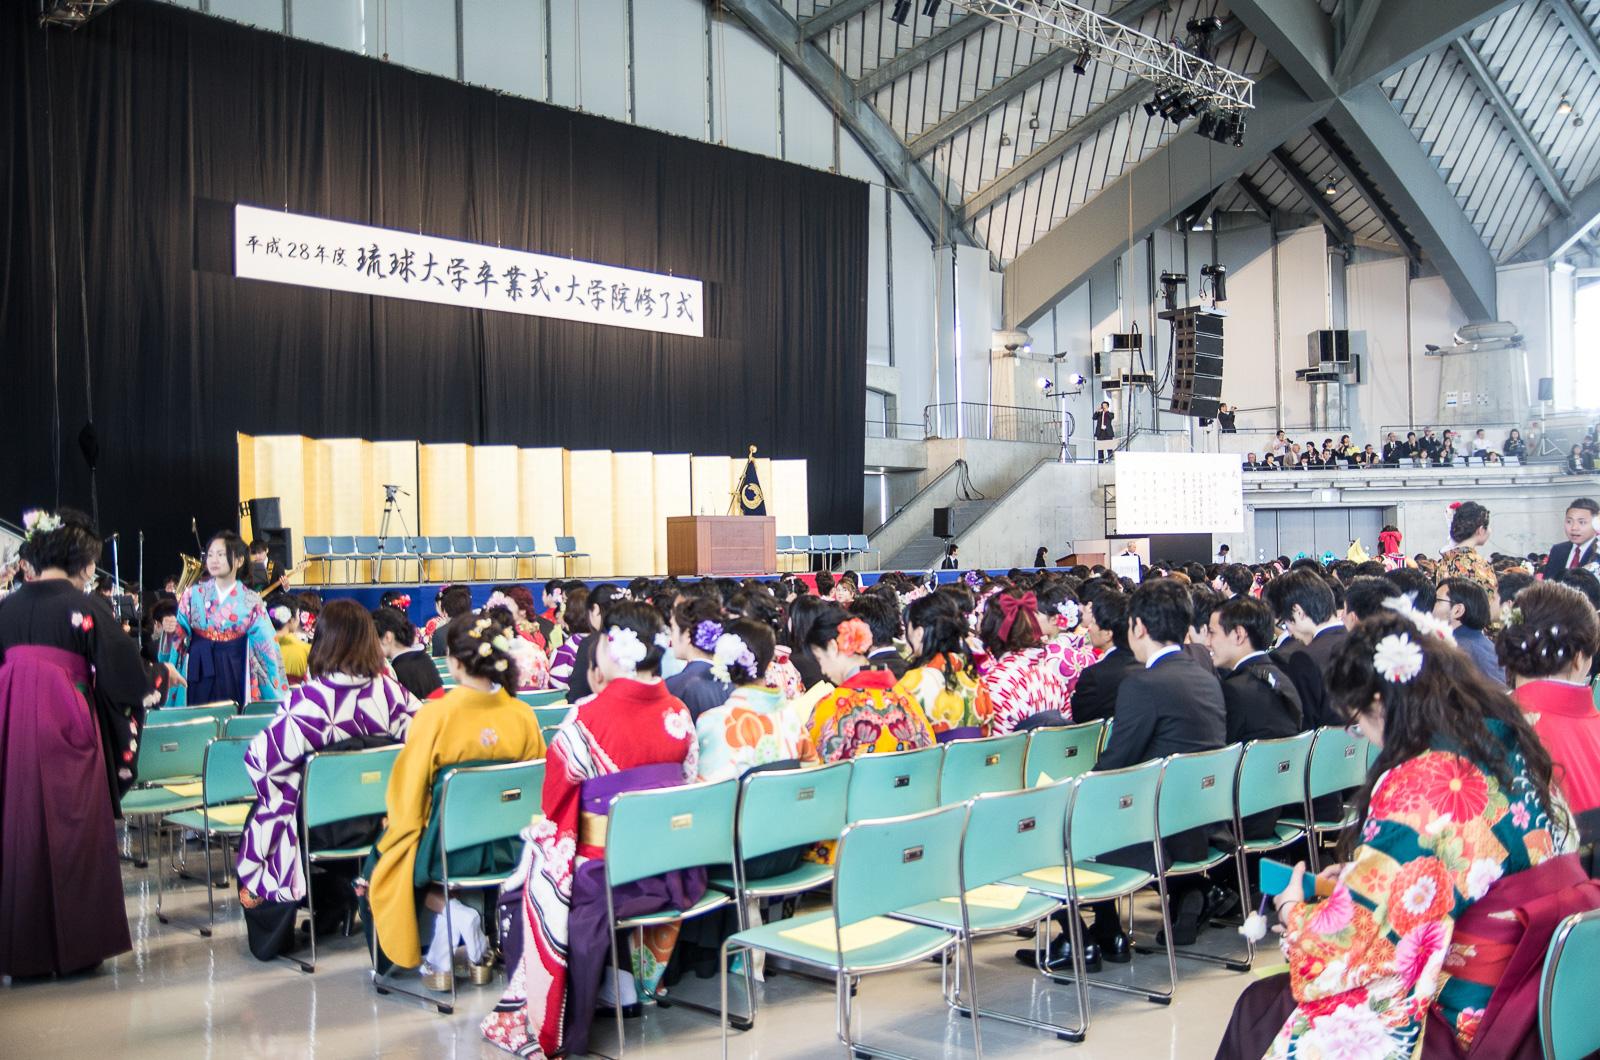 日本琉球大學畢業典禮會場